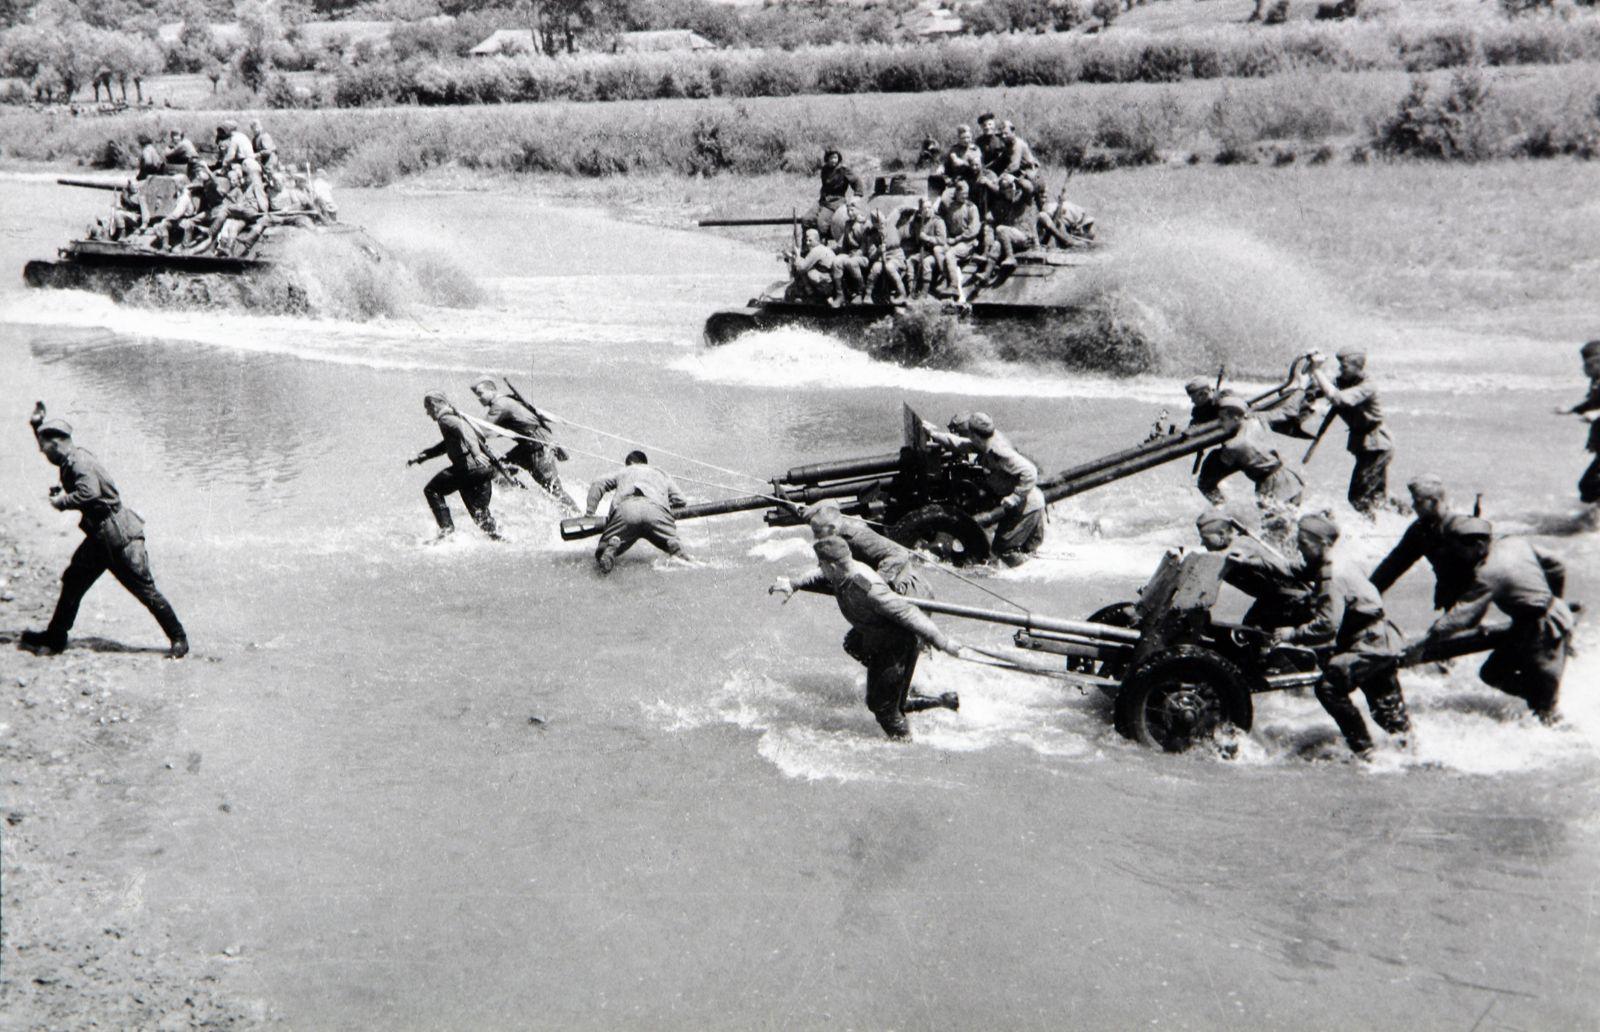 Расчеты артиллерии форсируют водную преграду